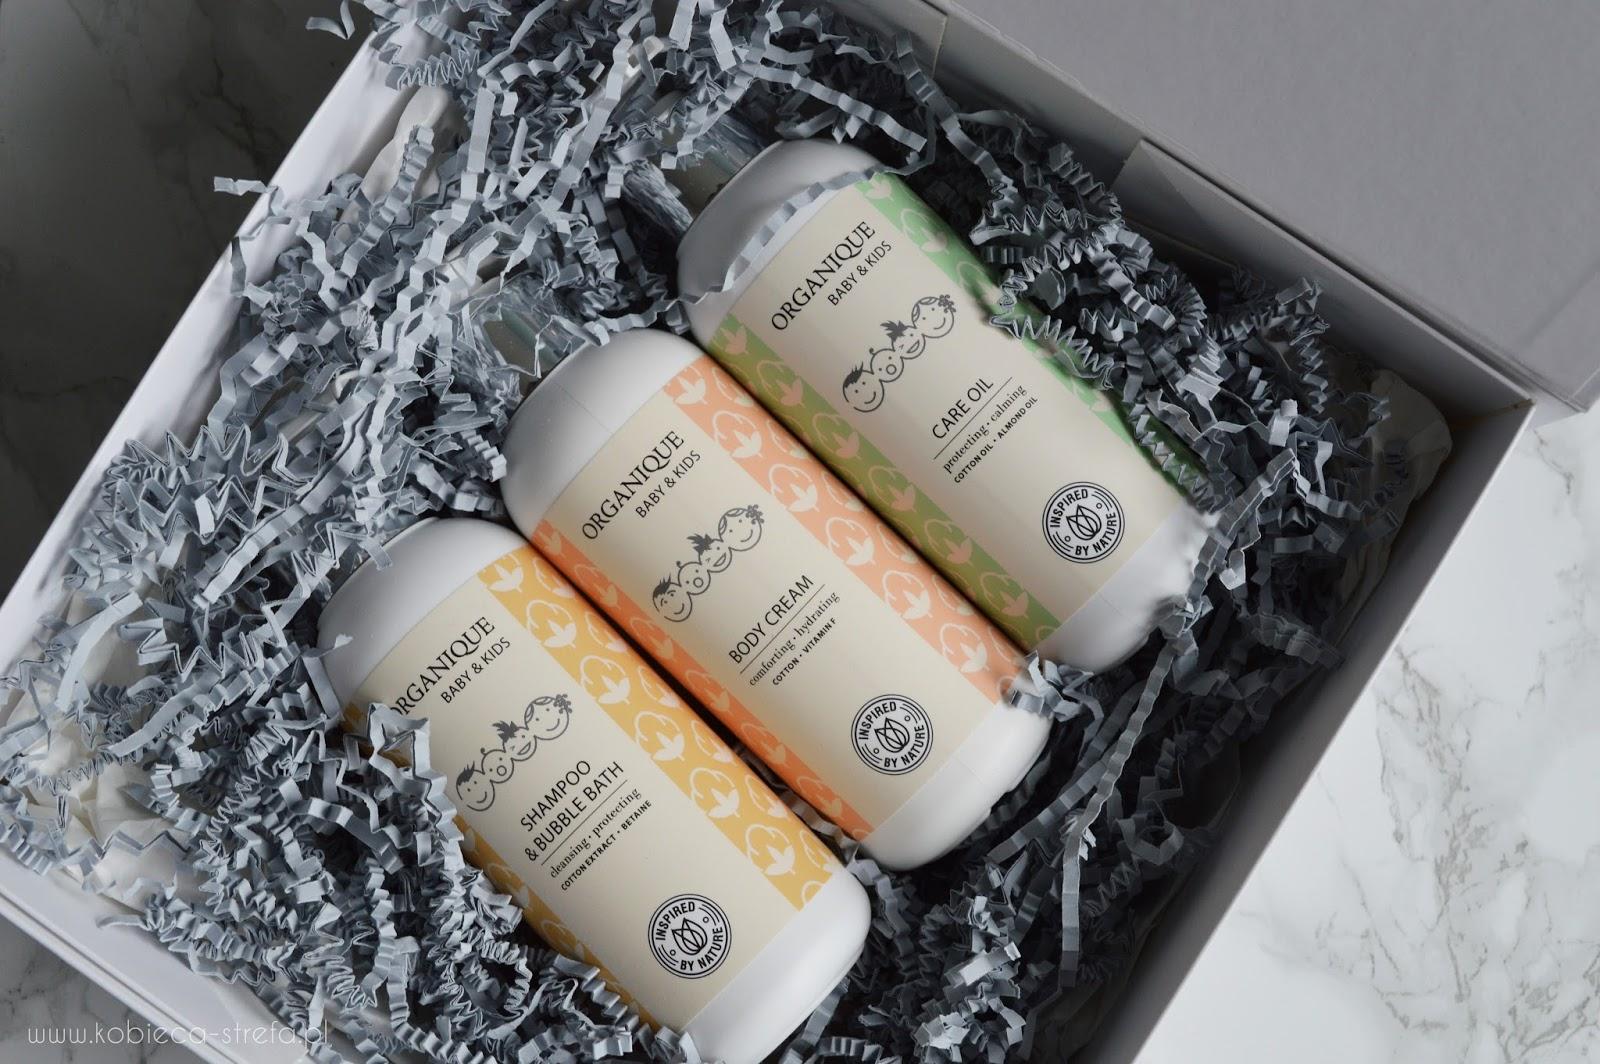 Organique Baby And Kids - szampon i płyn, olejek i krem do ciała - kosmetyki dla niemowląt i dzieci